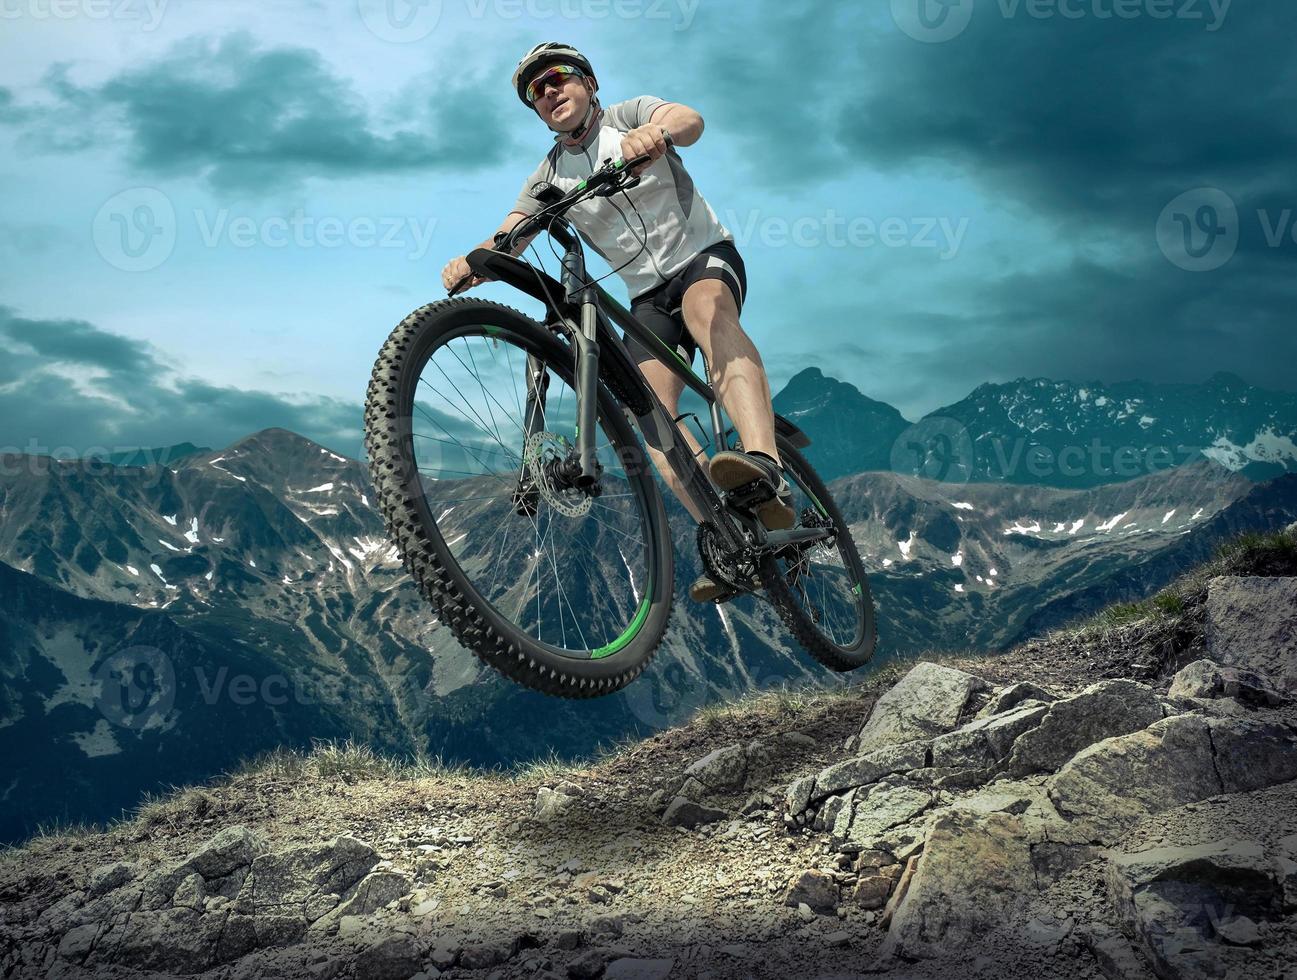 man på cykeln under himmel med moln foto